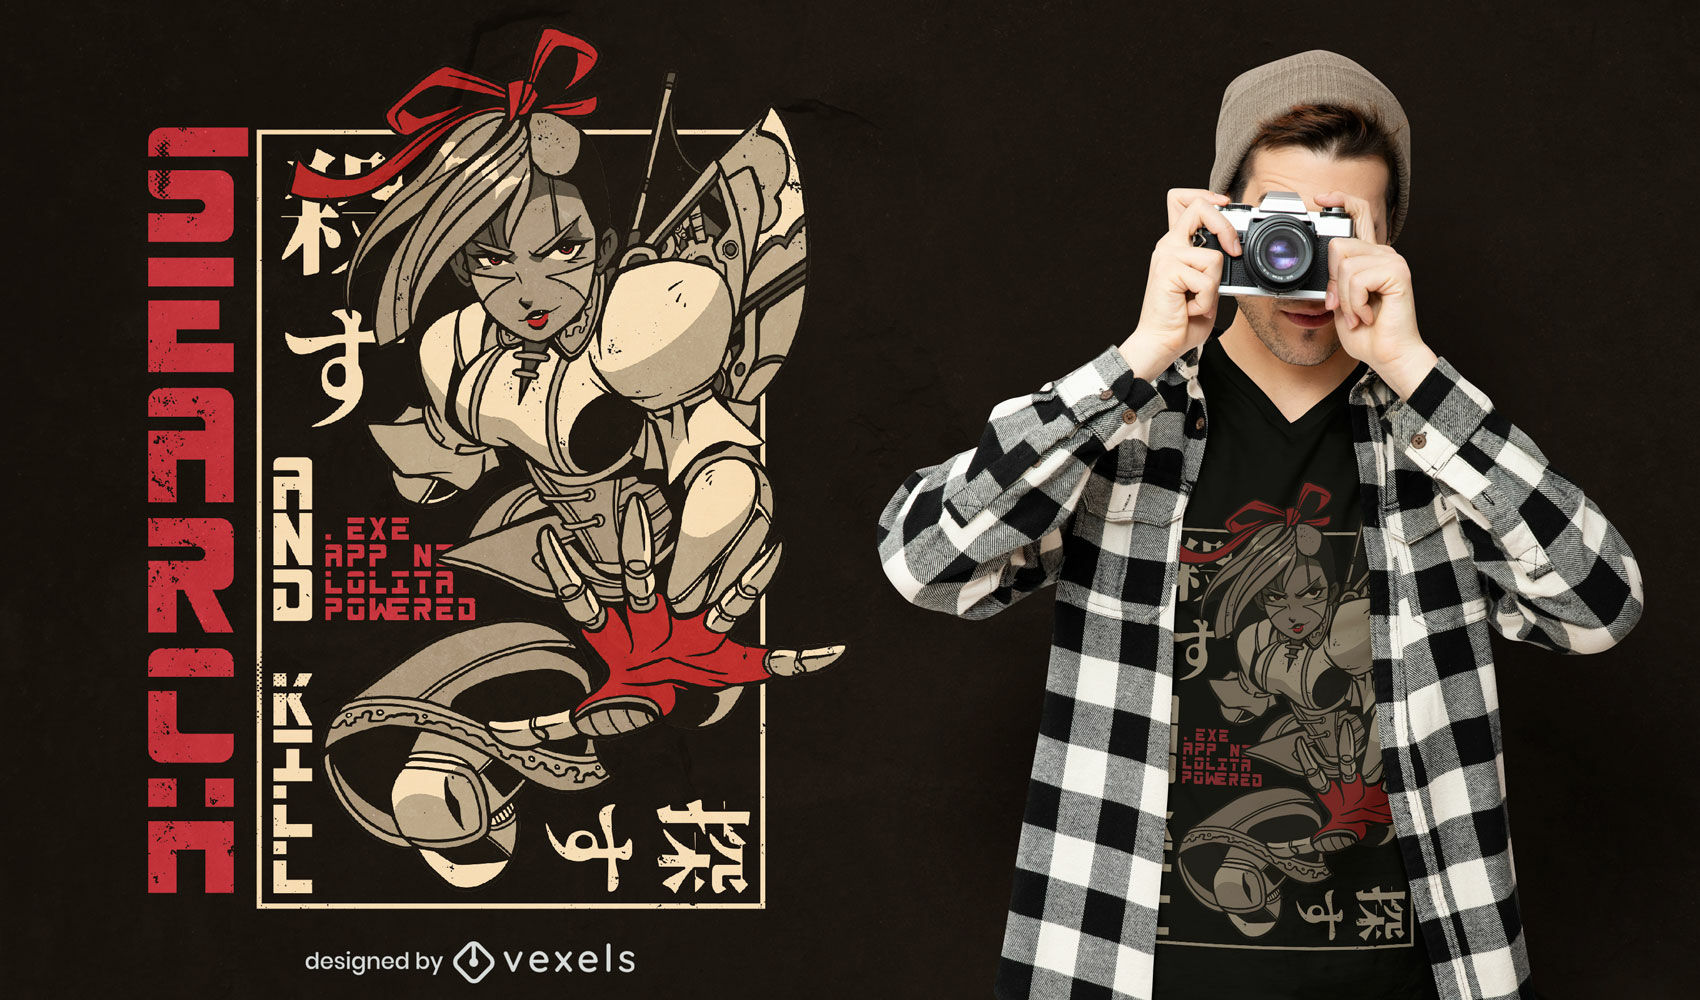 Lolita powered japanisches T-Shirt Design